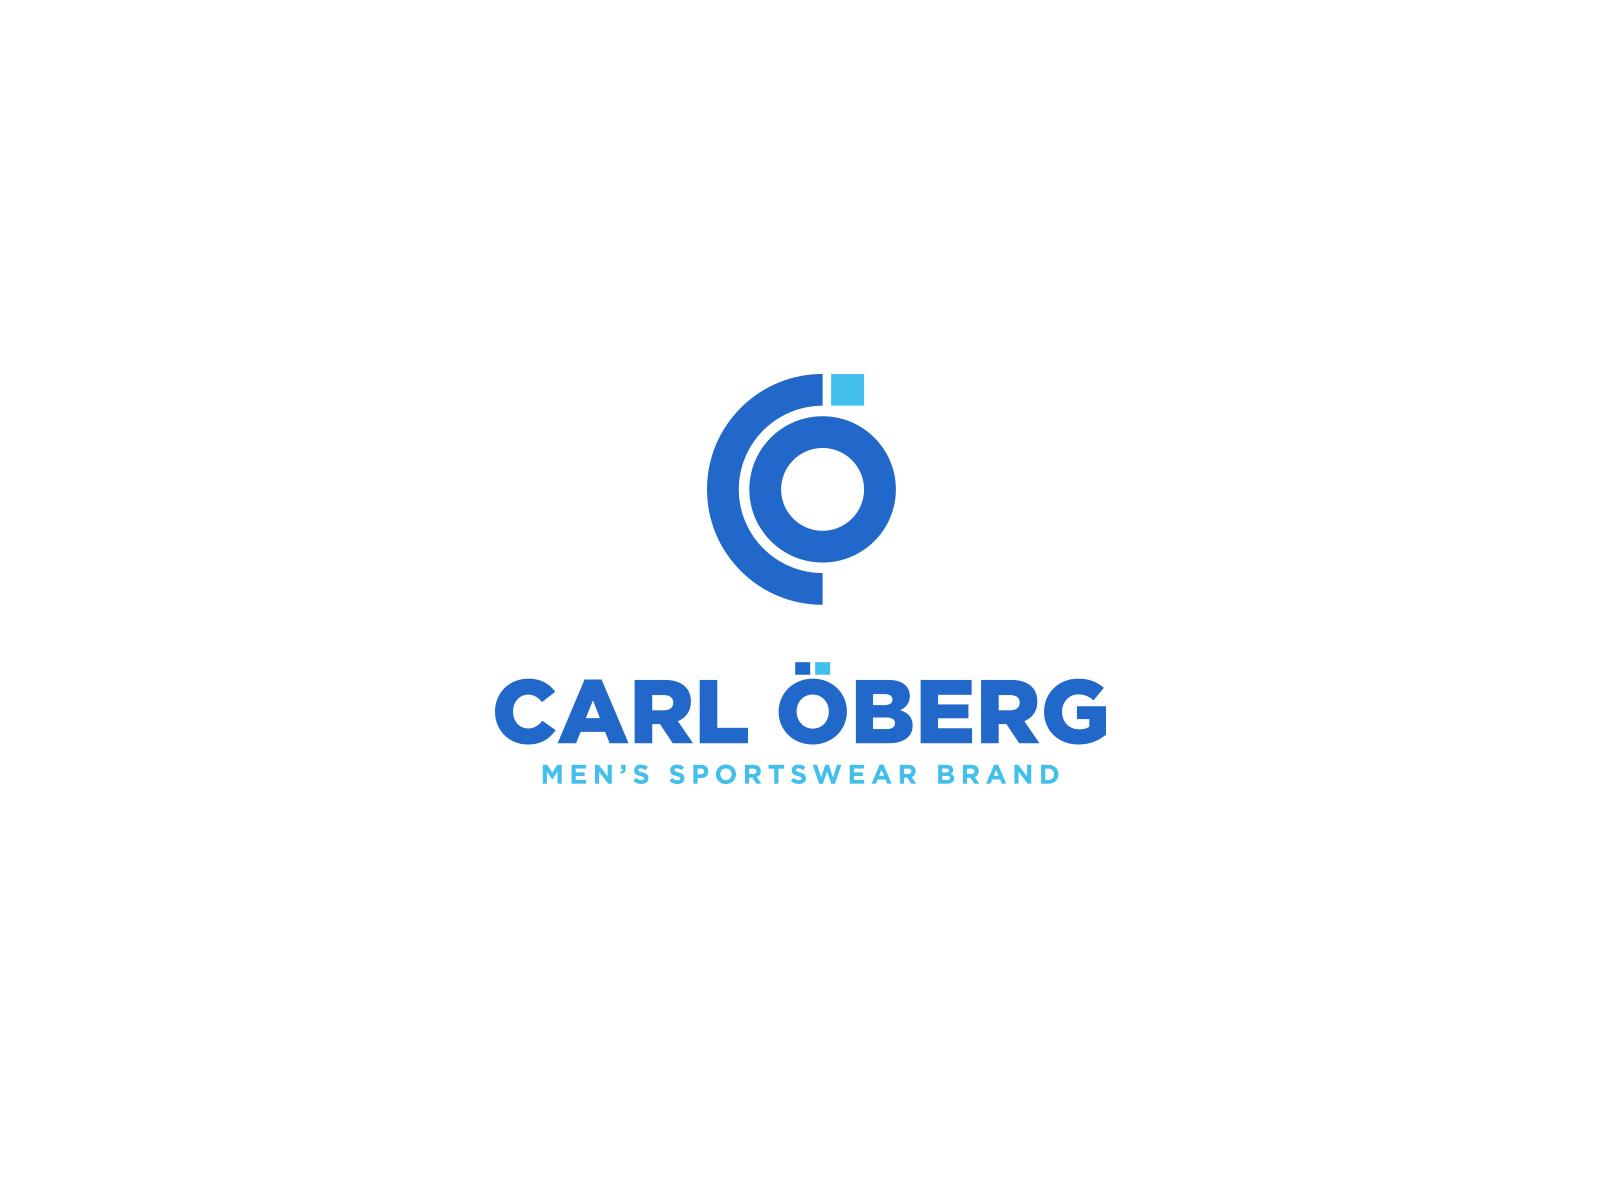 运动品牌Carl Öberg视觉形象设计